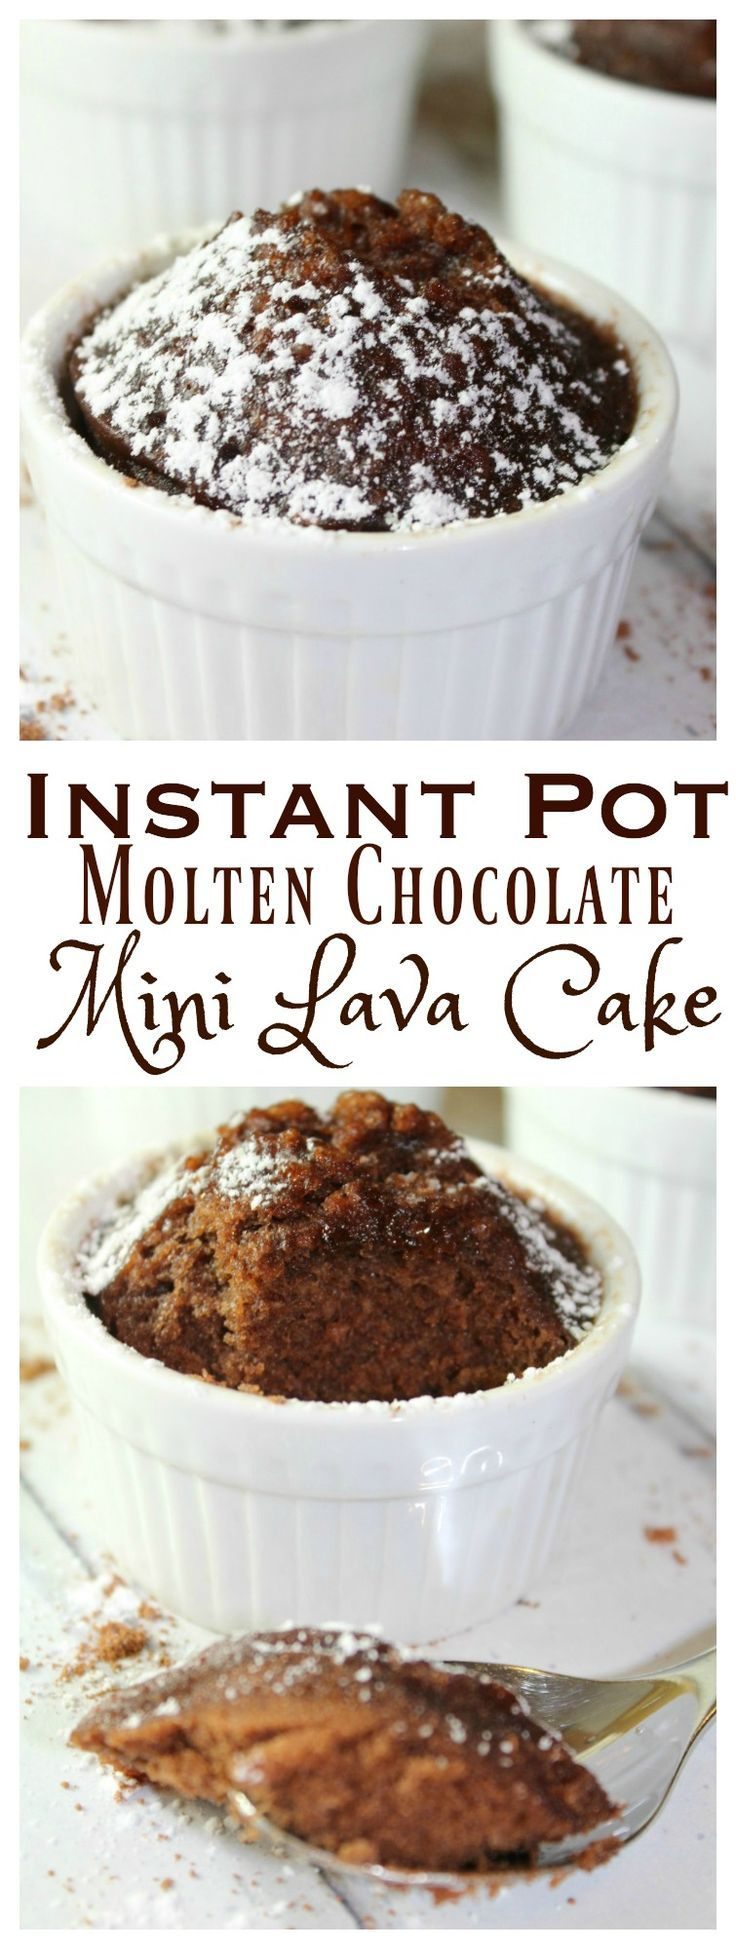 Molten Chocolate Mini Lava Cake | Recipe | Pressure cooker ...